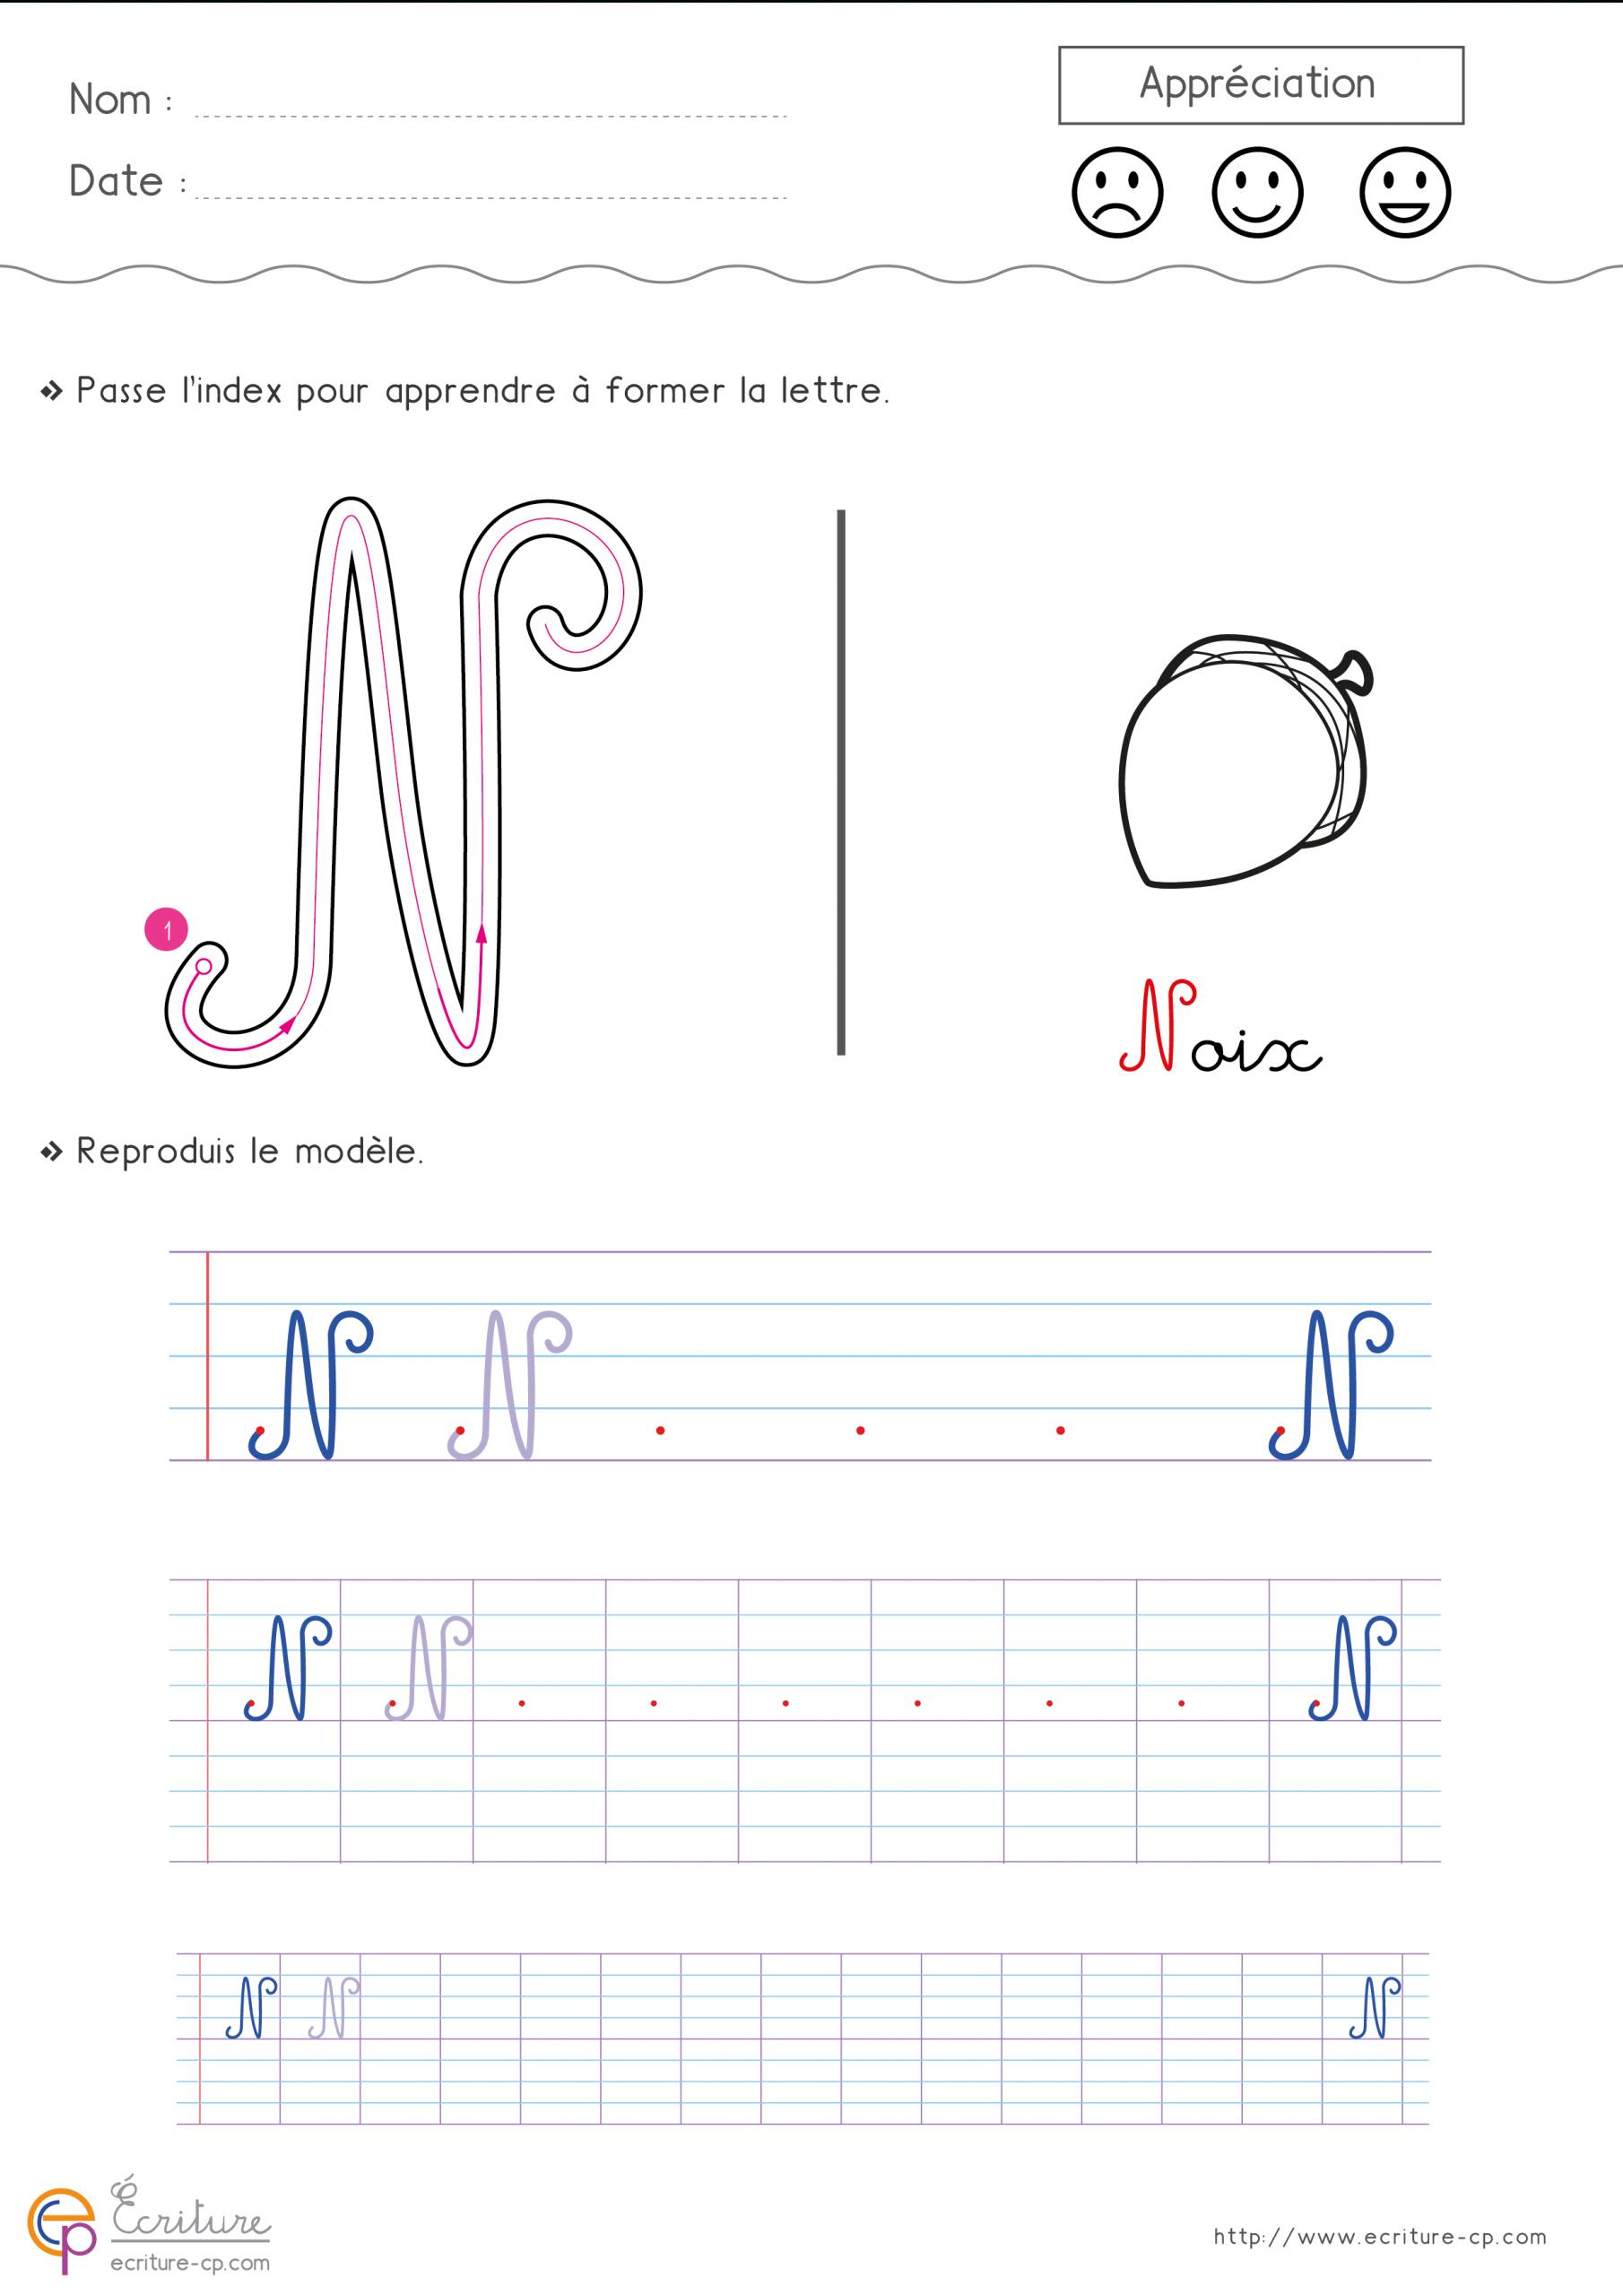 Écrire L'alphabet Majuscule Cursive Cp Ce1 | Fiche D tout Apprendre A Écrire L Alphabet